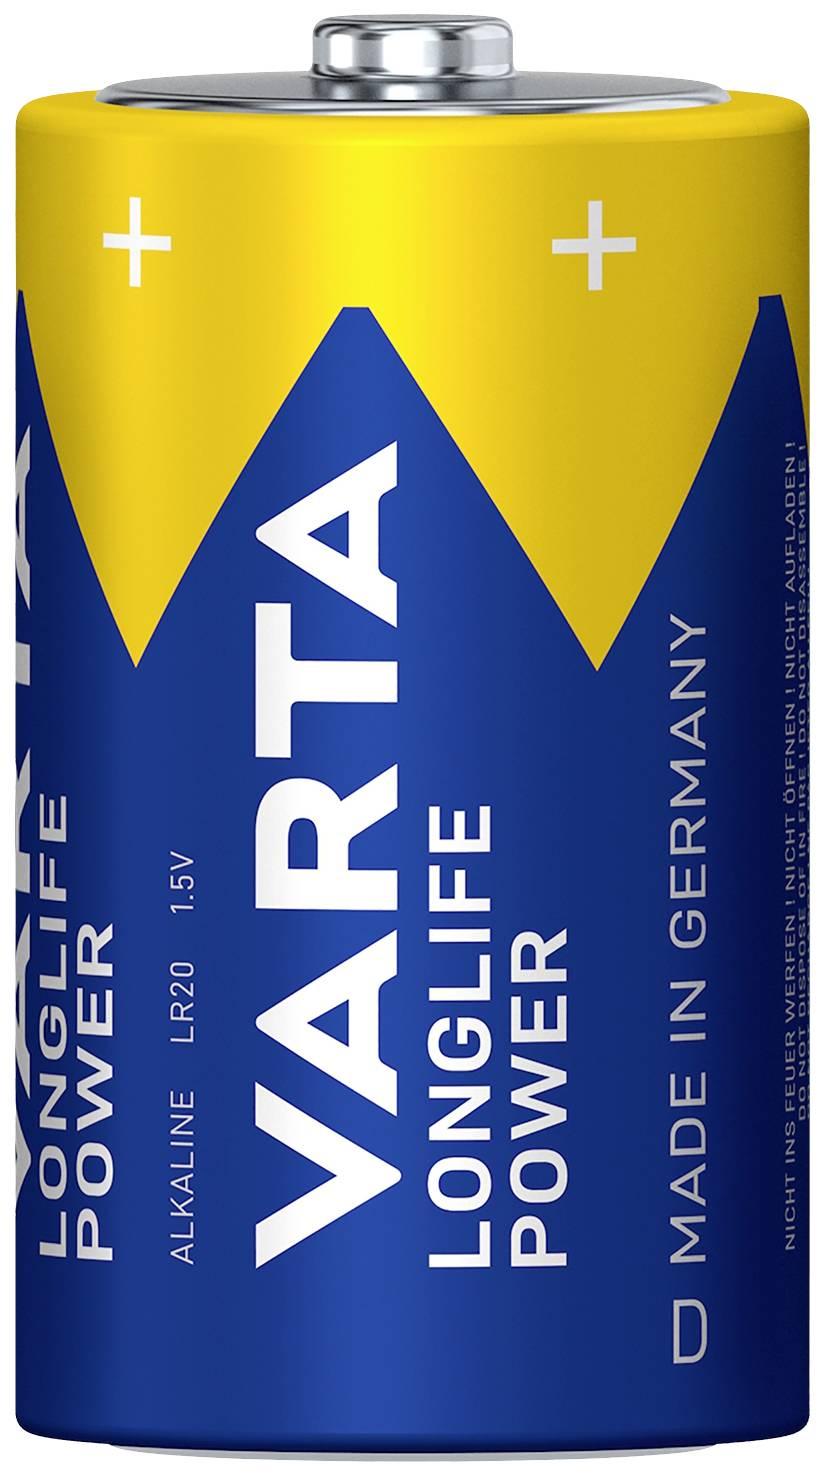 Batéria VARTA High Energy 2 ks, veľké mono, 1,5 V